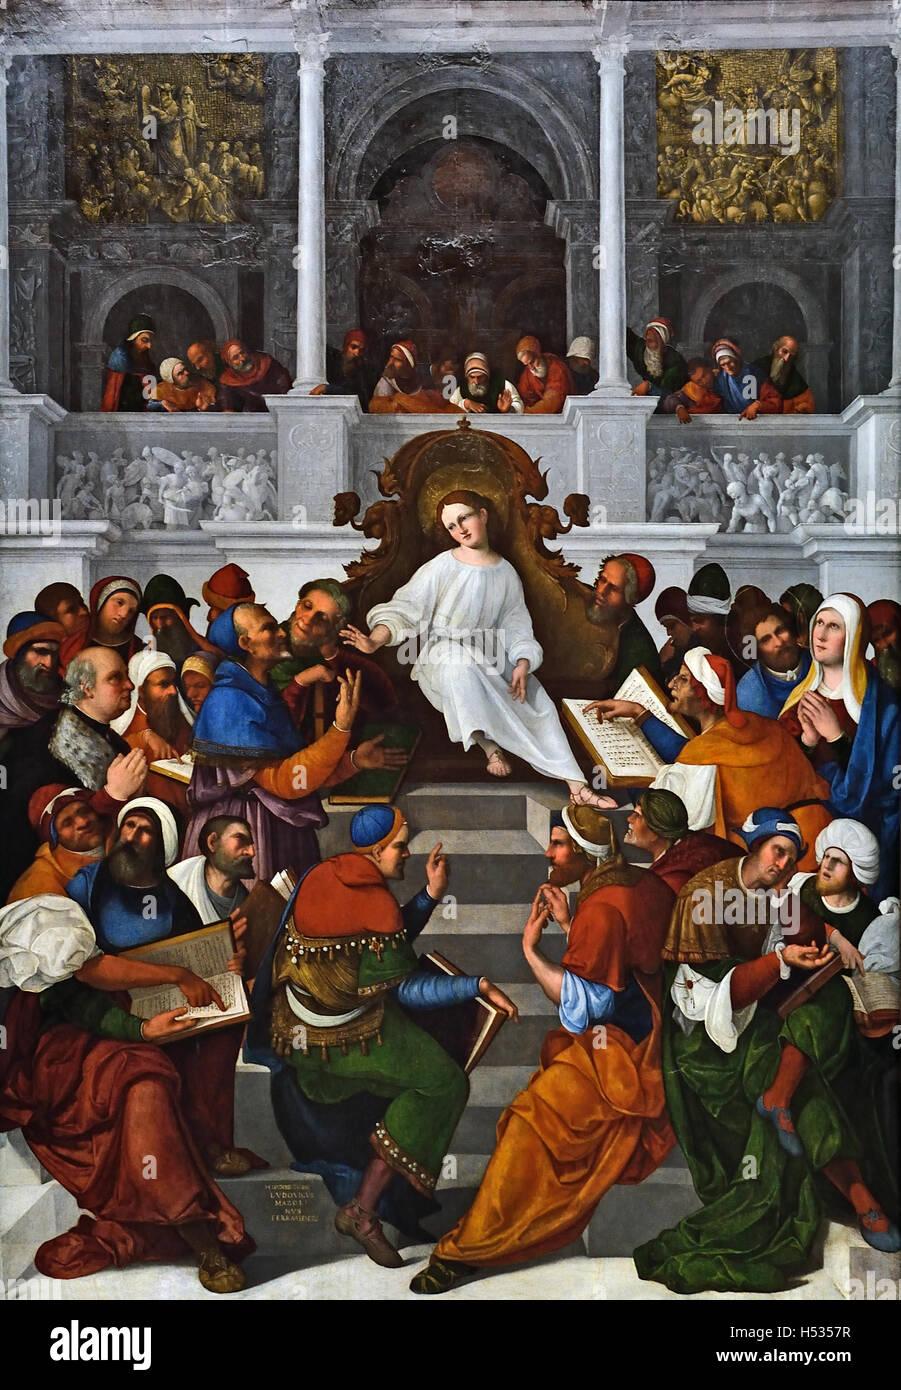 La période de douze ans, Jésus au temple Ludovico Mazzolino1480 - 1528 connu sous le nom de Mazzolini Photo Stock